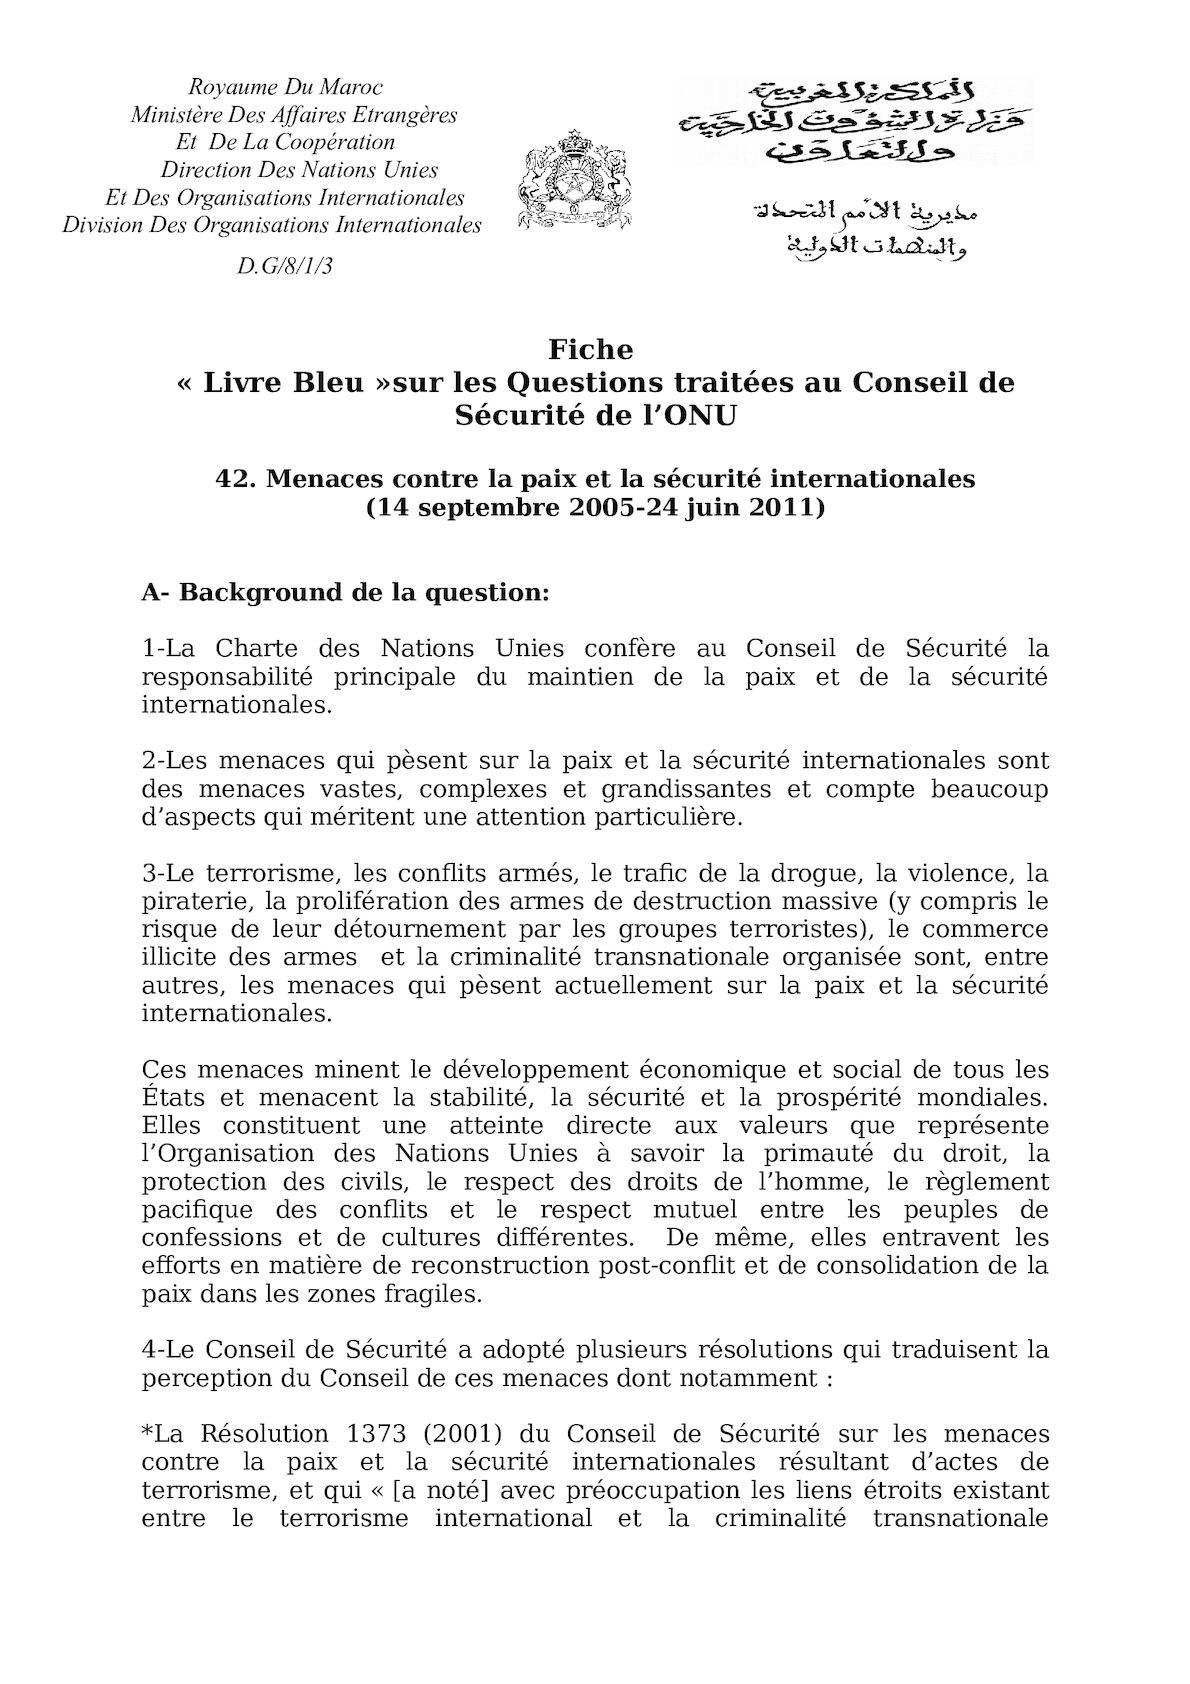 Menaces à La Paix Et La Sécurité Internationales(1).